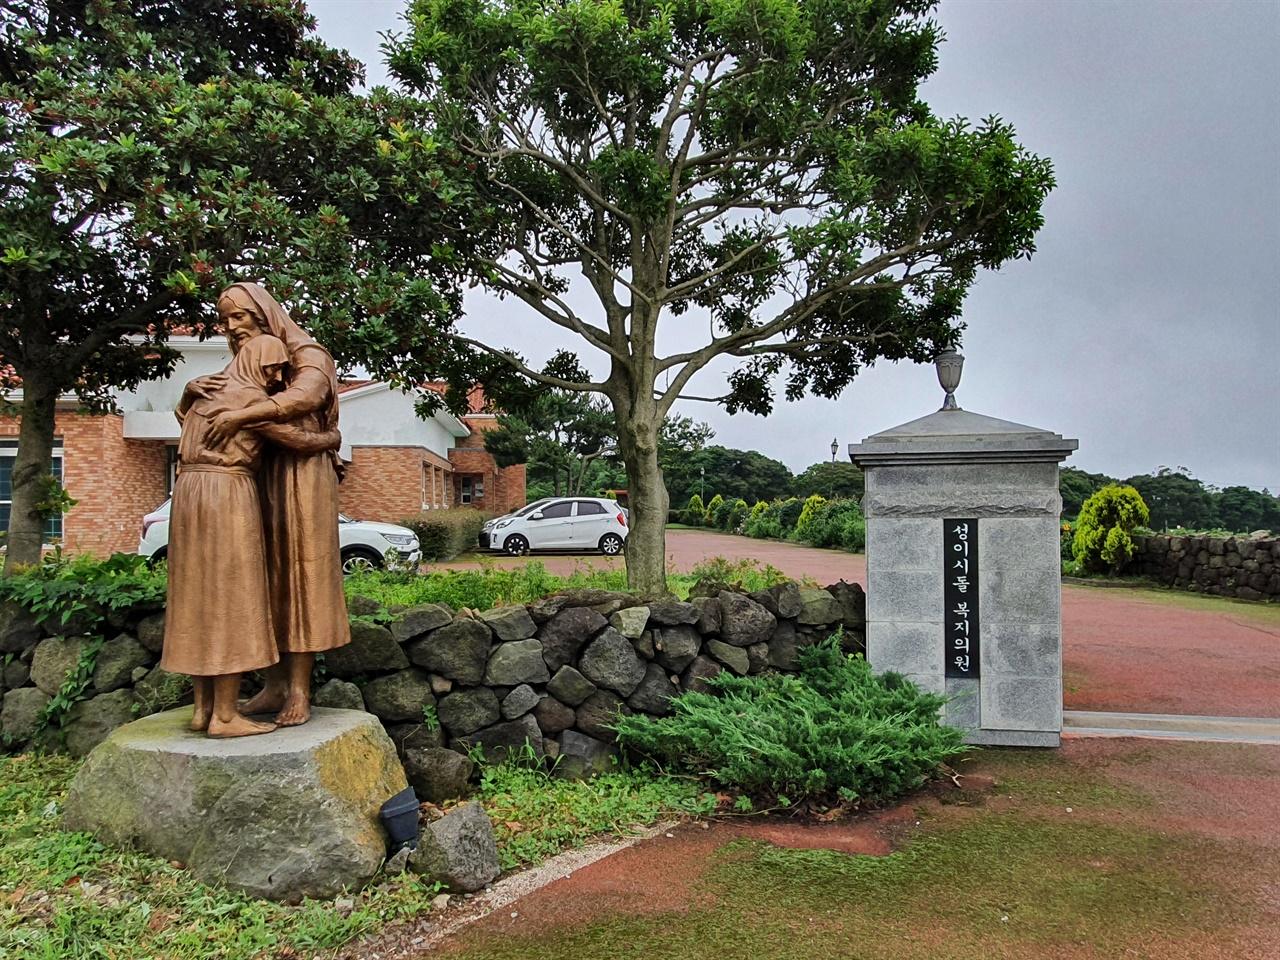 제주도 최초의 호스피스 전문병원으로 성이시돌목장을 개척한 아일랜드 출신의 맥그린치 신부가 세웠다.